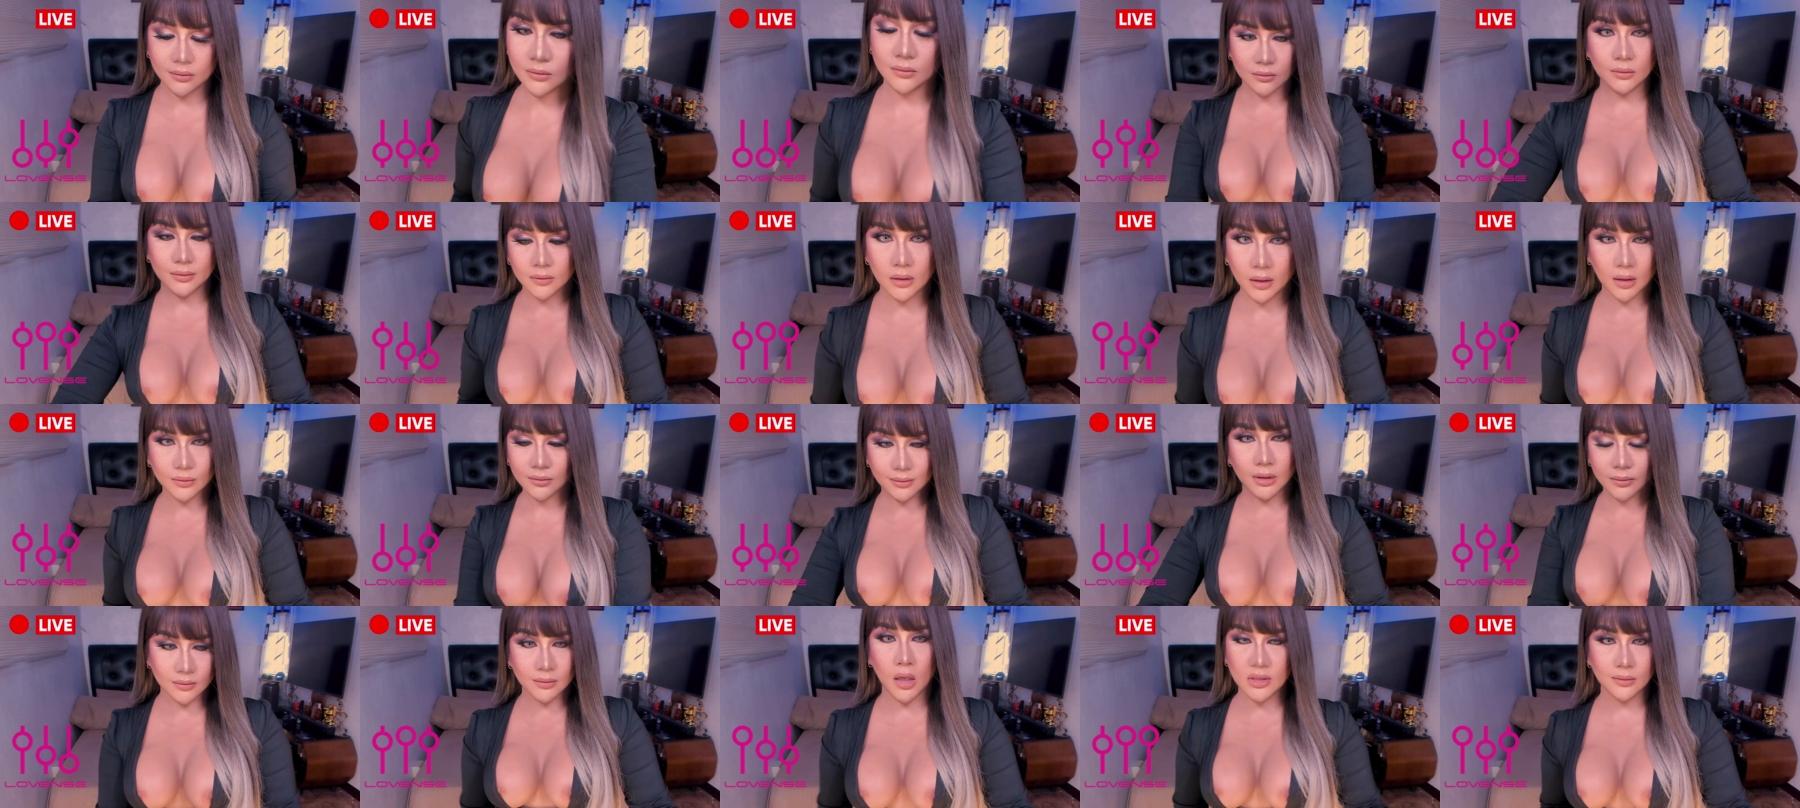 Cockcrodile Video CAM SHOW @ Chaturbate 16-09-2021